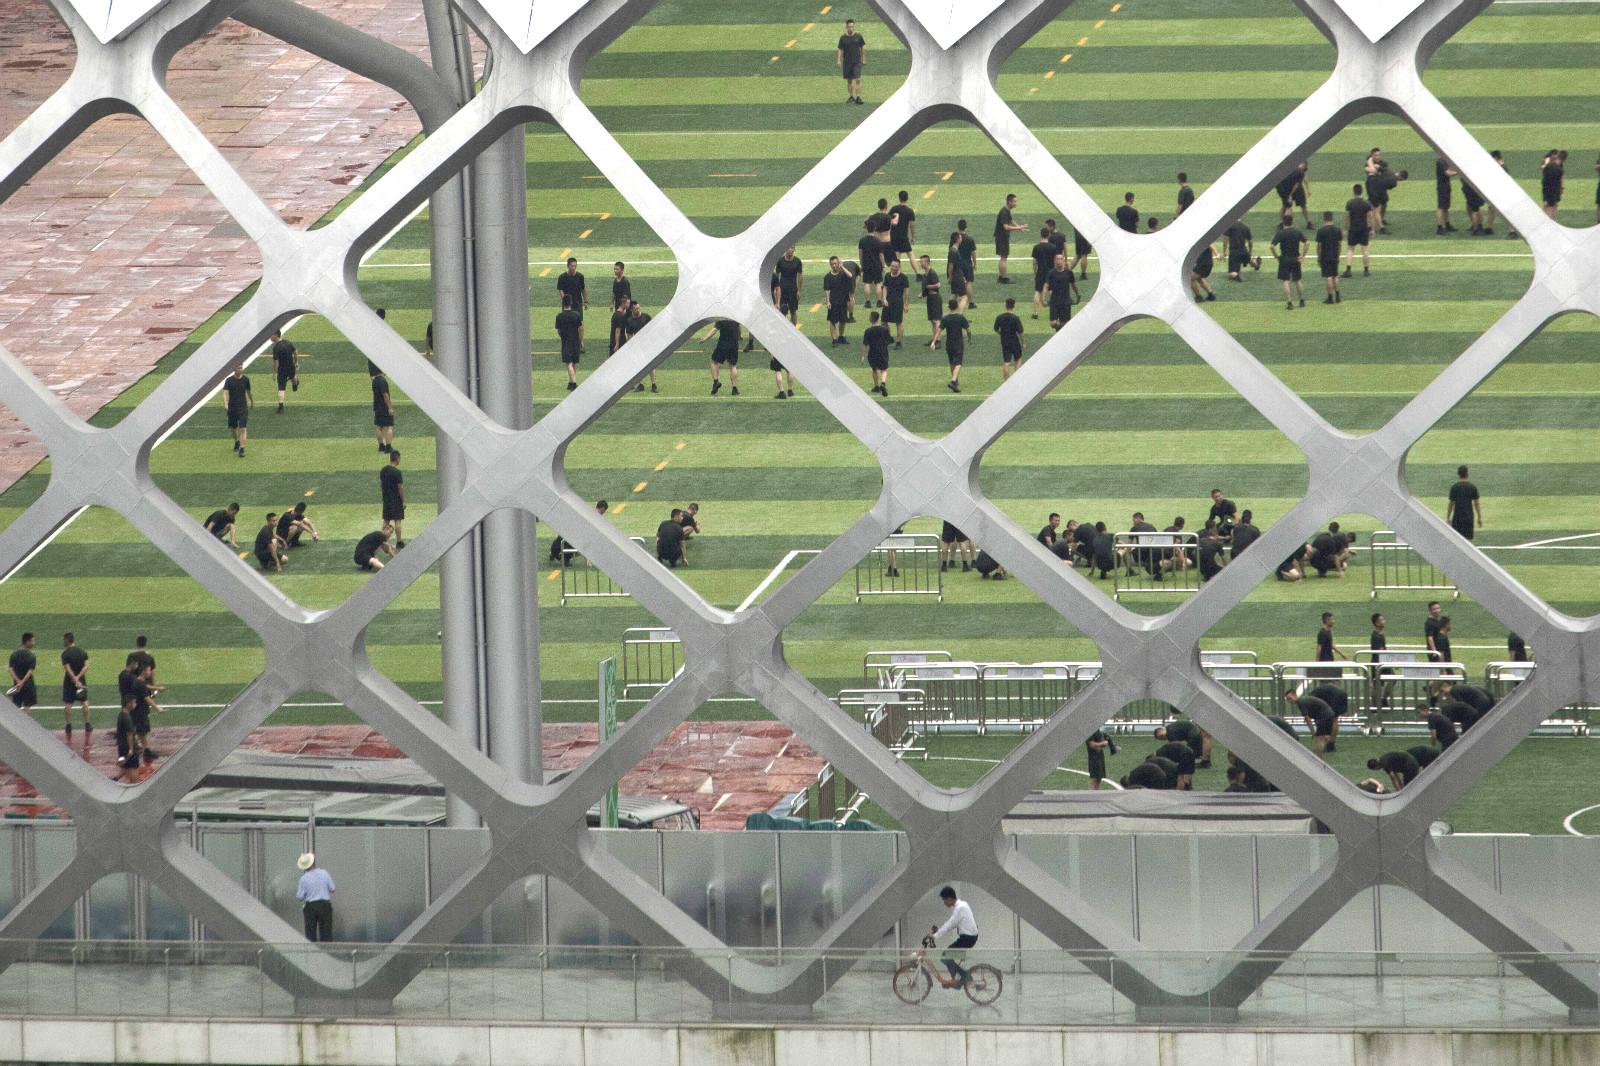 美聯社繼續拍攝到演練情況。AP圖片